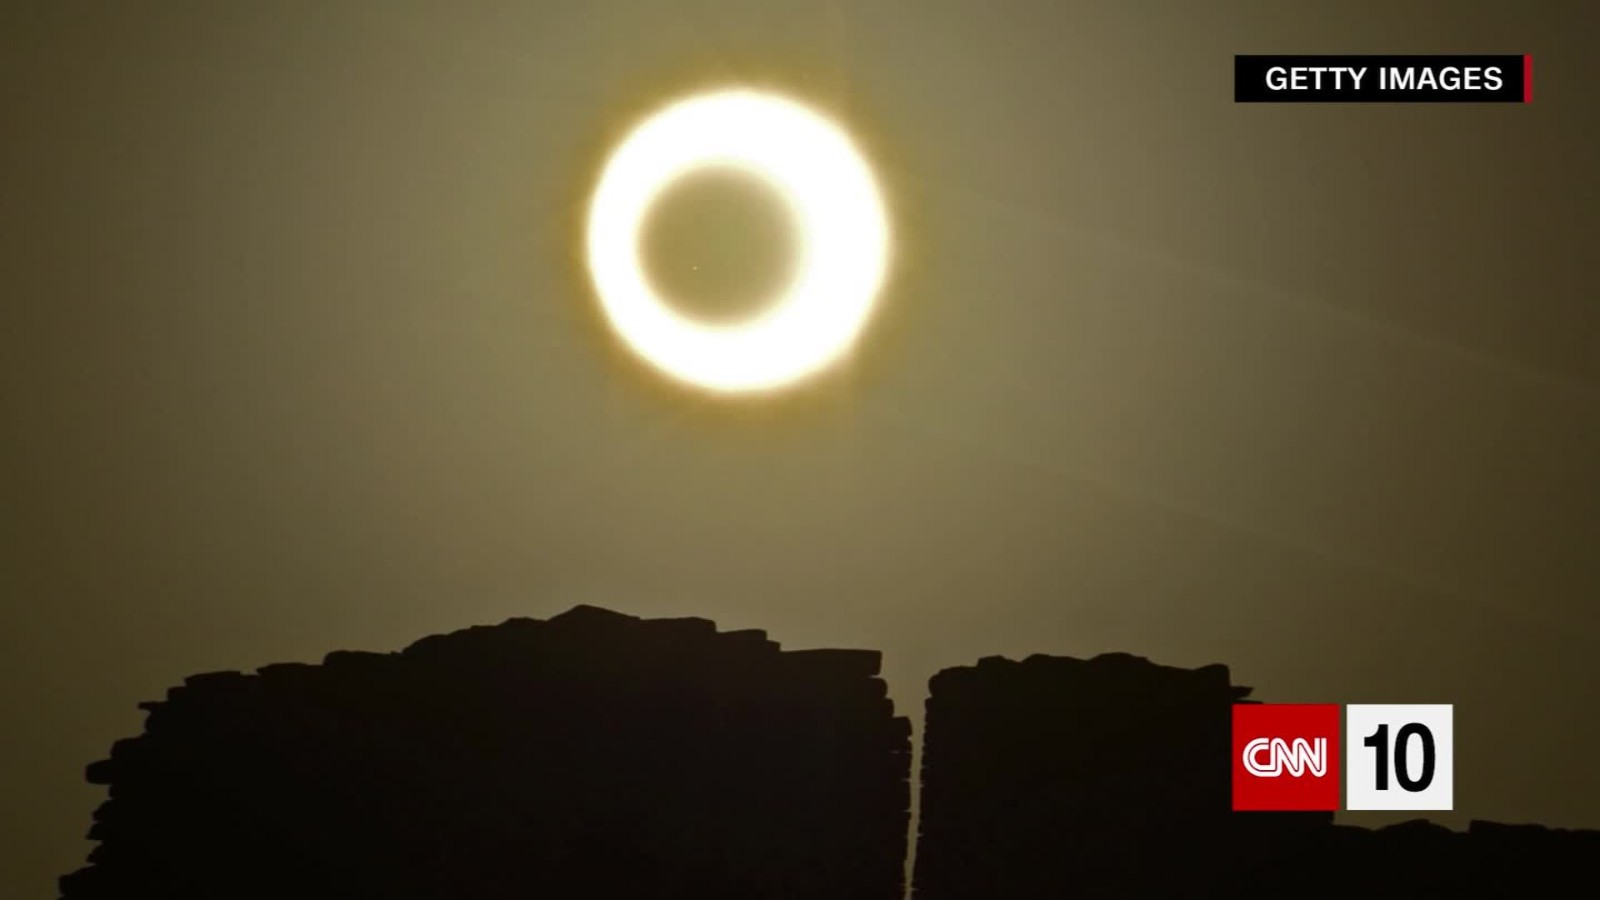 CNN10 - 08/21/17